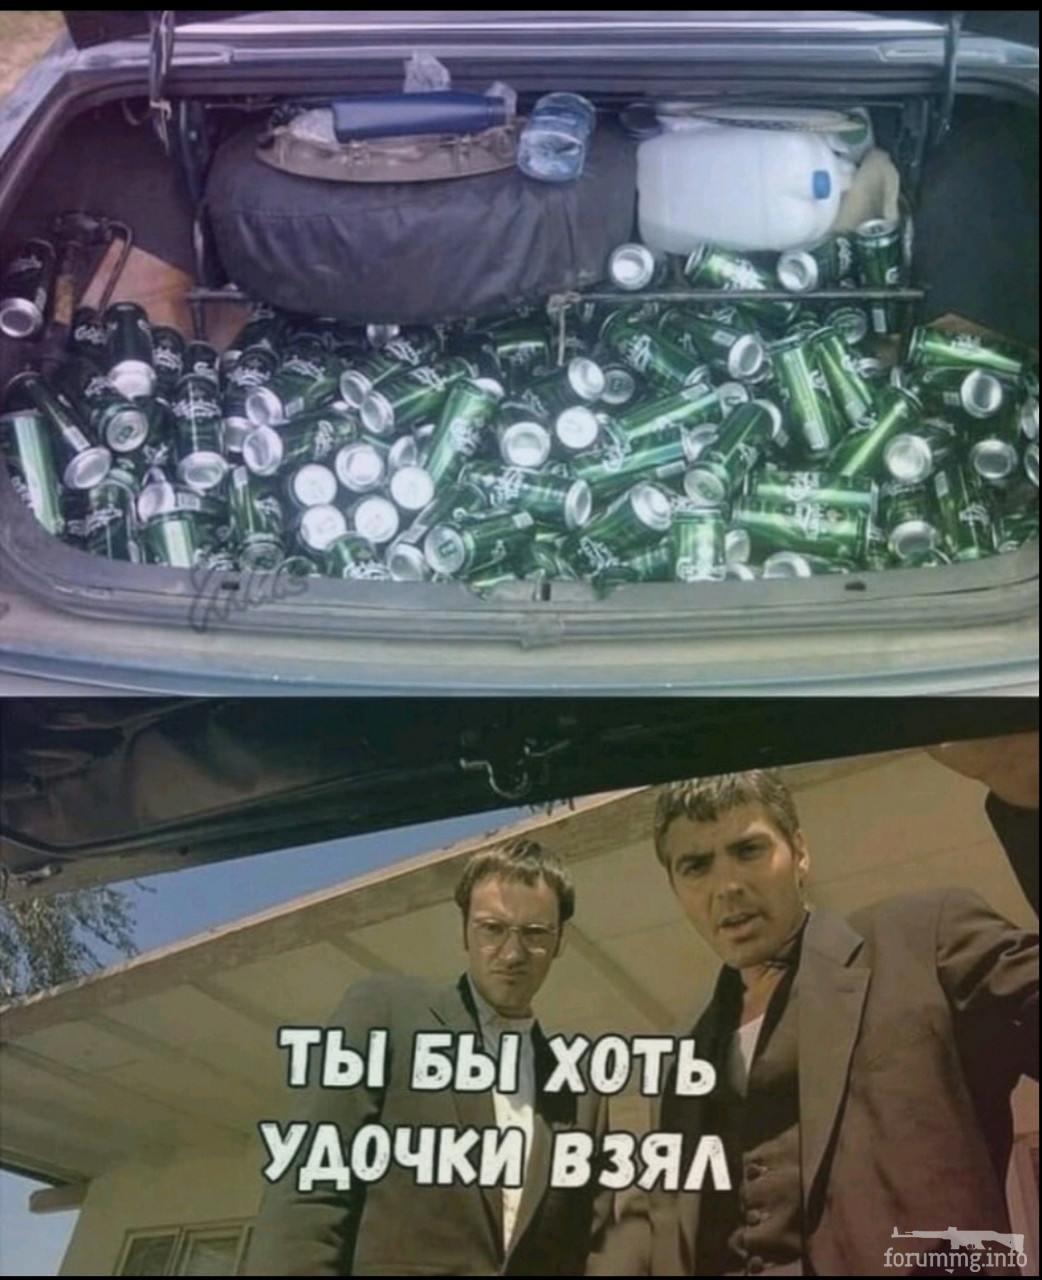 136077 - Пить или не пить? - пятничная алкогольная тема )))